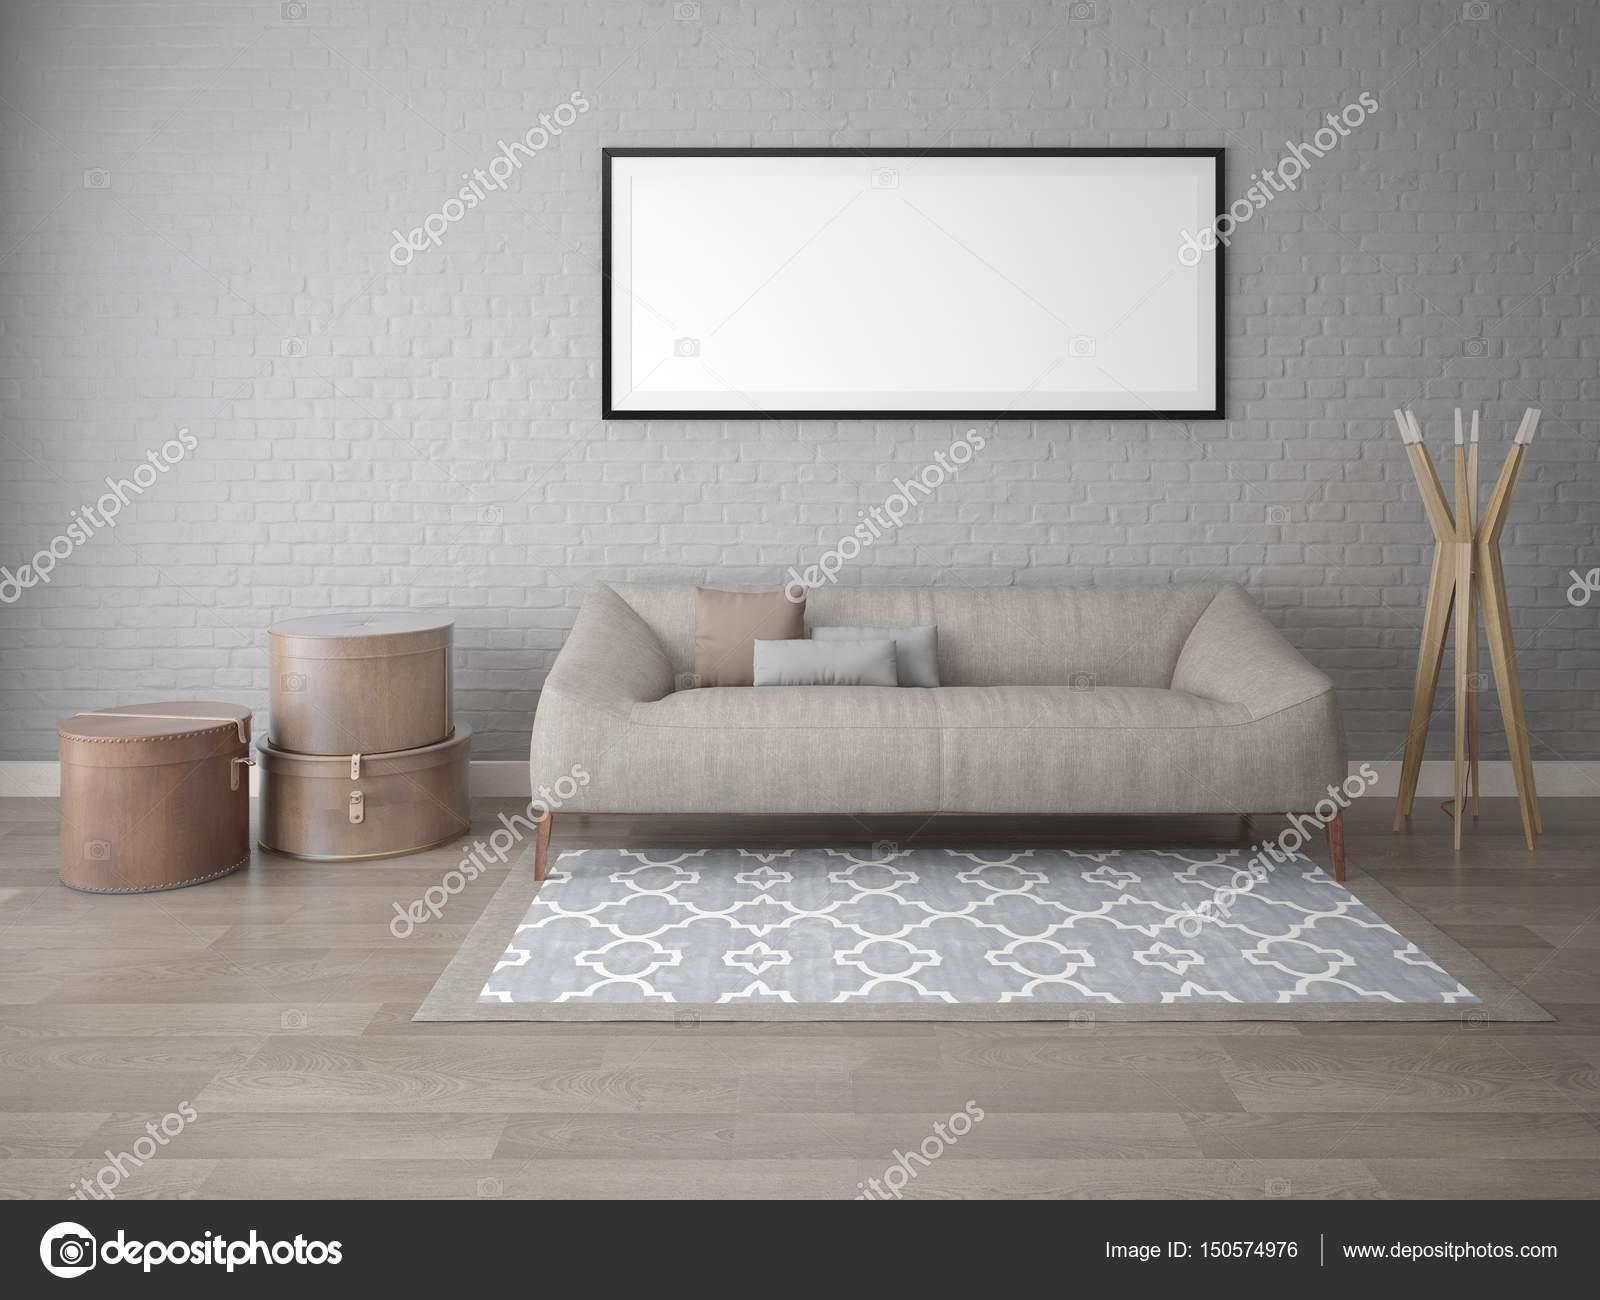 Manichino di un classico soggiorno con un divano ad angolo morbido